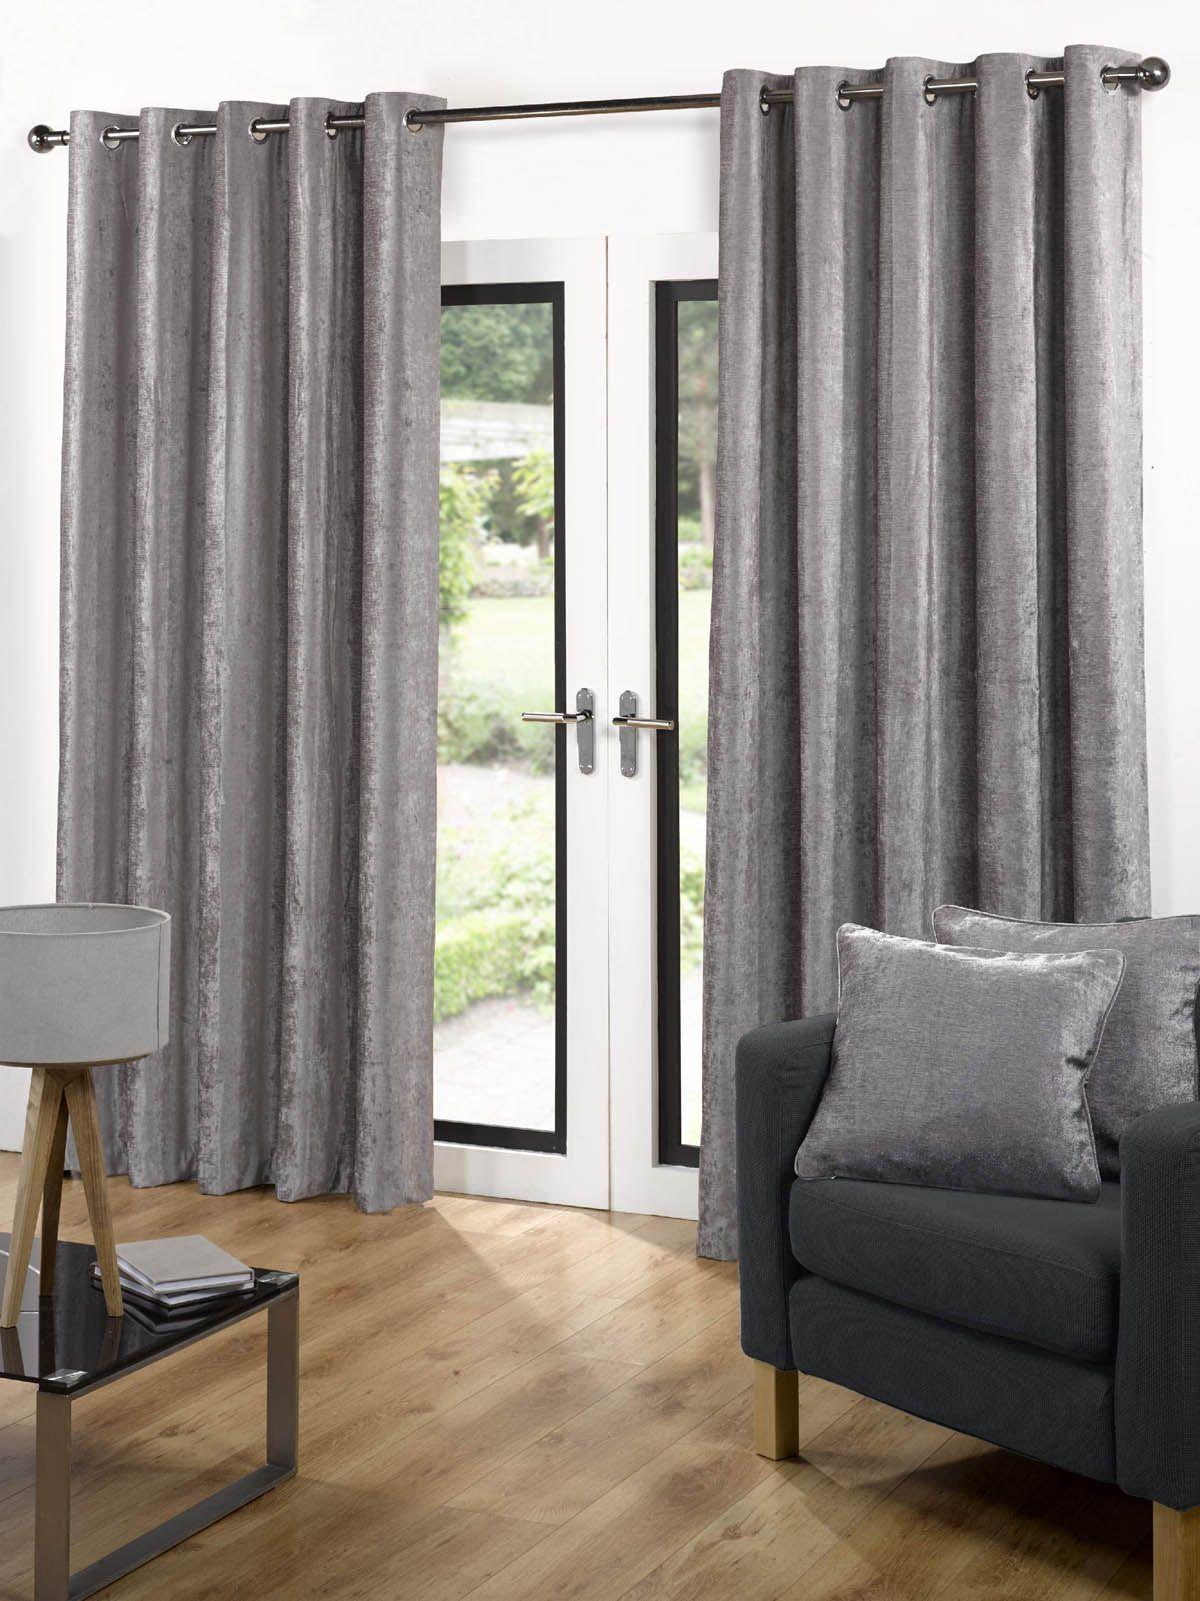 Velvet Ready Made Eyelet Curtains Grey Uk Delivery In 2020 Ready Made Eyelet Curtains Grey Curtains Velvet Curtains